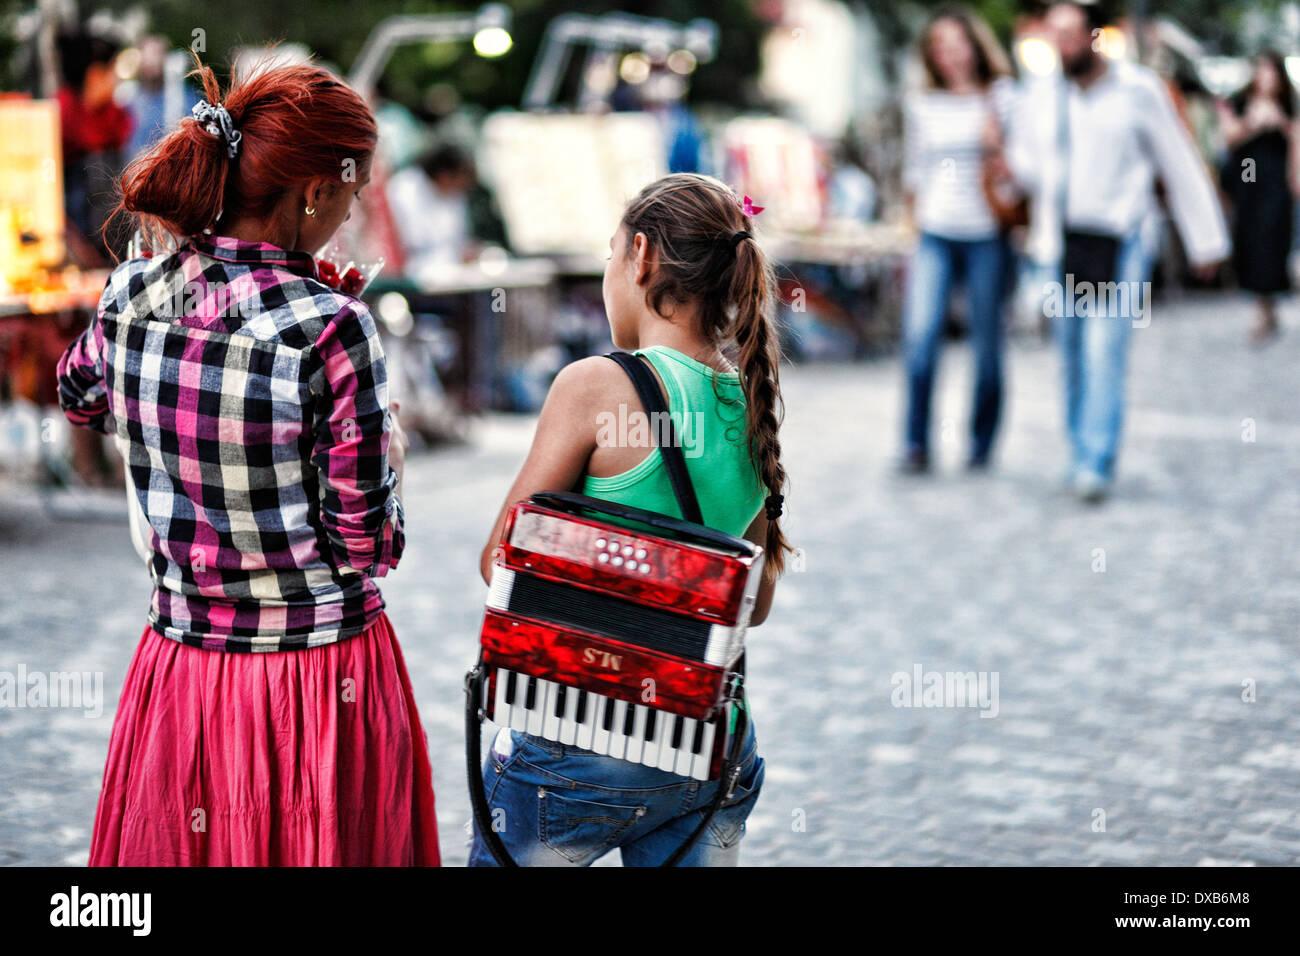 Las niñas con acordeón en la calle de Atenas, Grecia Imagen De Stock